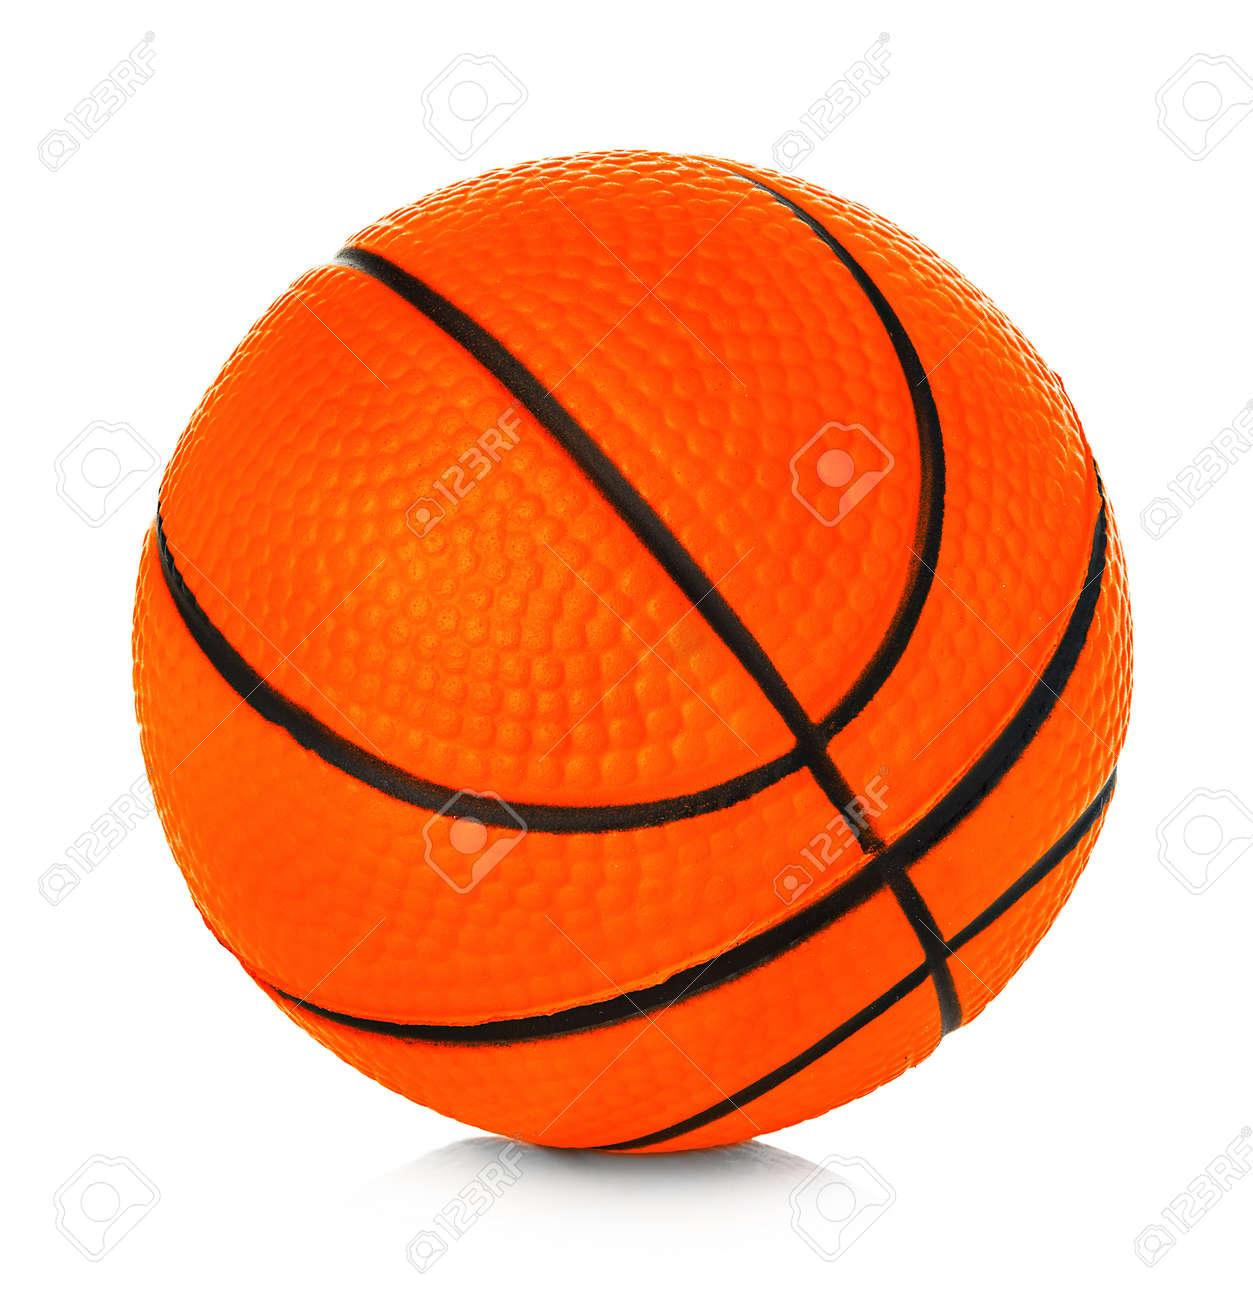 Orange basket ball close-up isolated on a white background. - 126197362